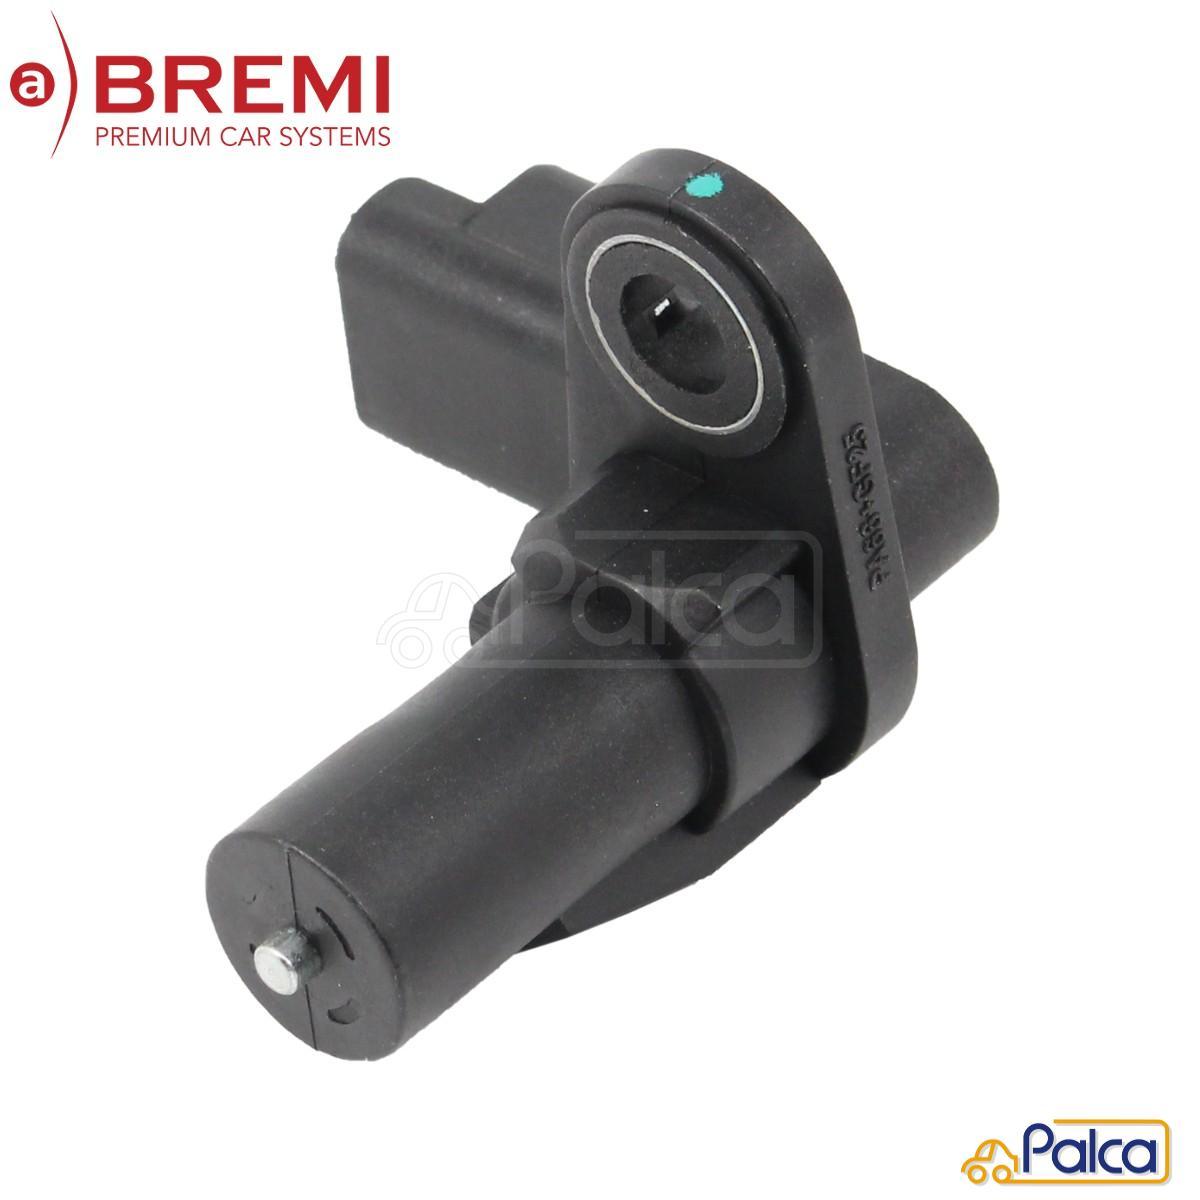 BREMI製 新品 あす楽 ルノー クランクシャフトポジションセンサー ルーテシア3 メガーヌ2 2.0スポール グランセニック1 8200260327 18%OFF 2.0 メガーヌ3 メーカー在庫限り品